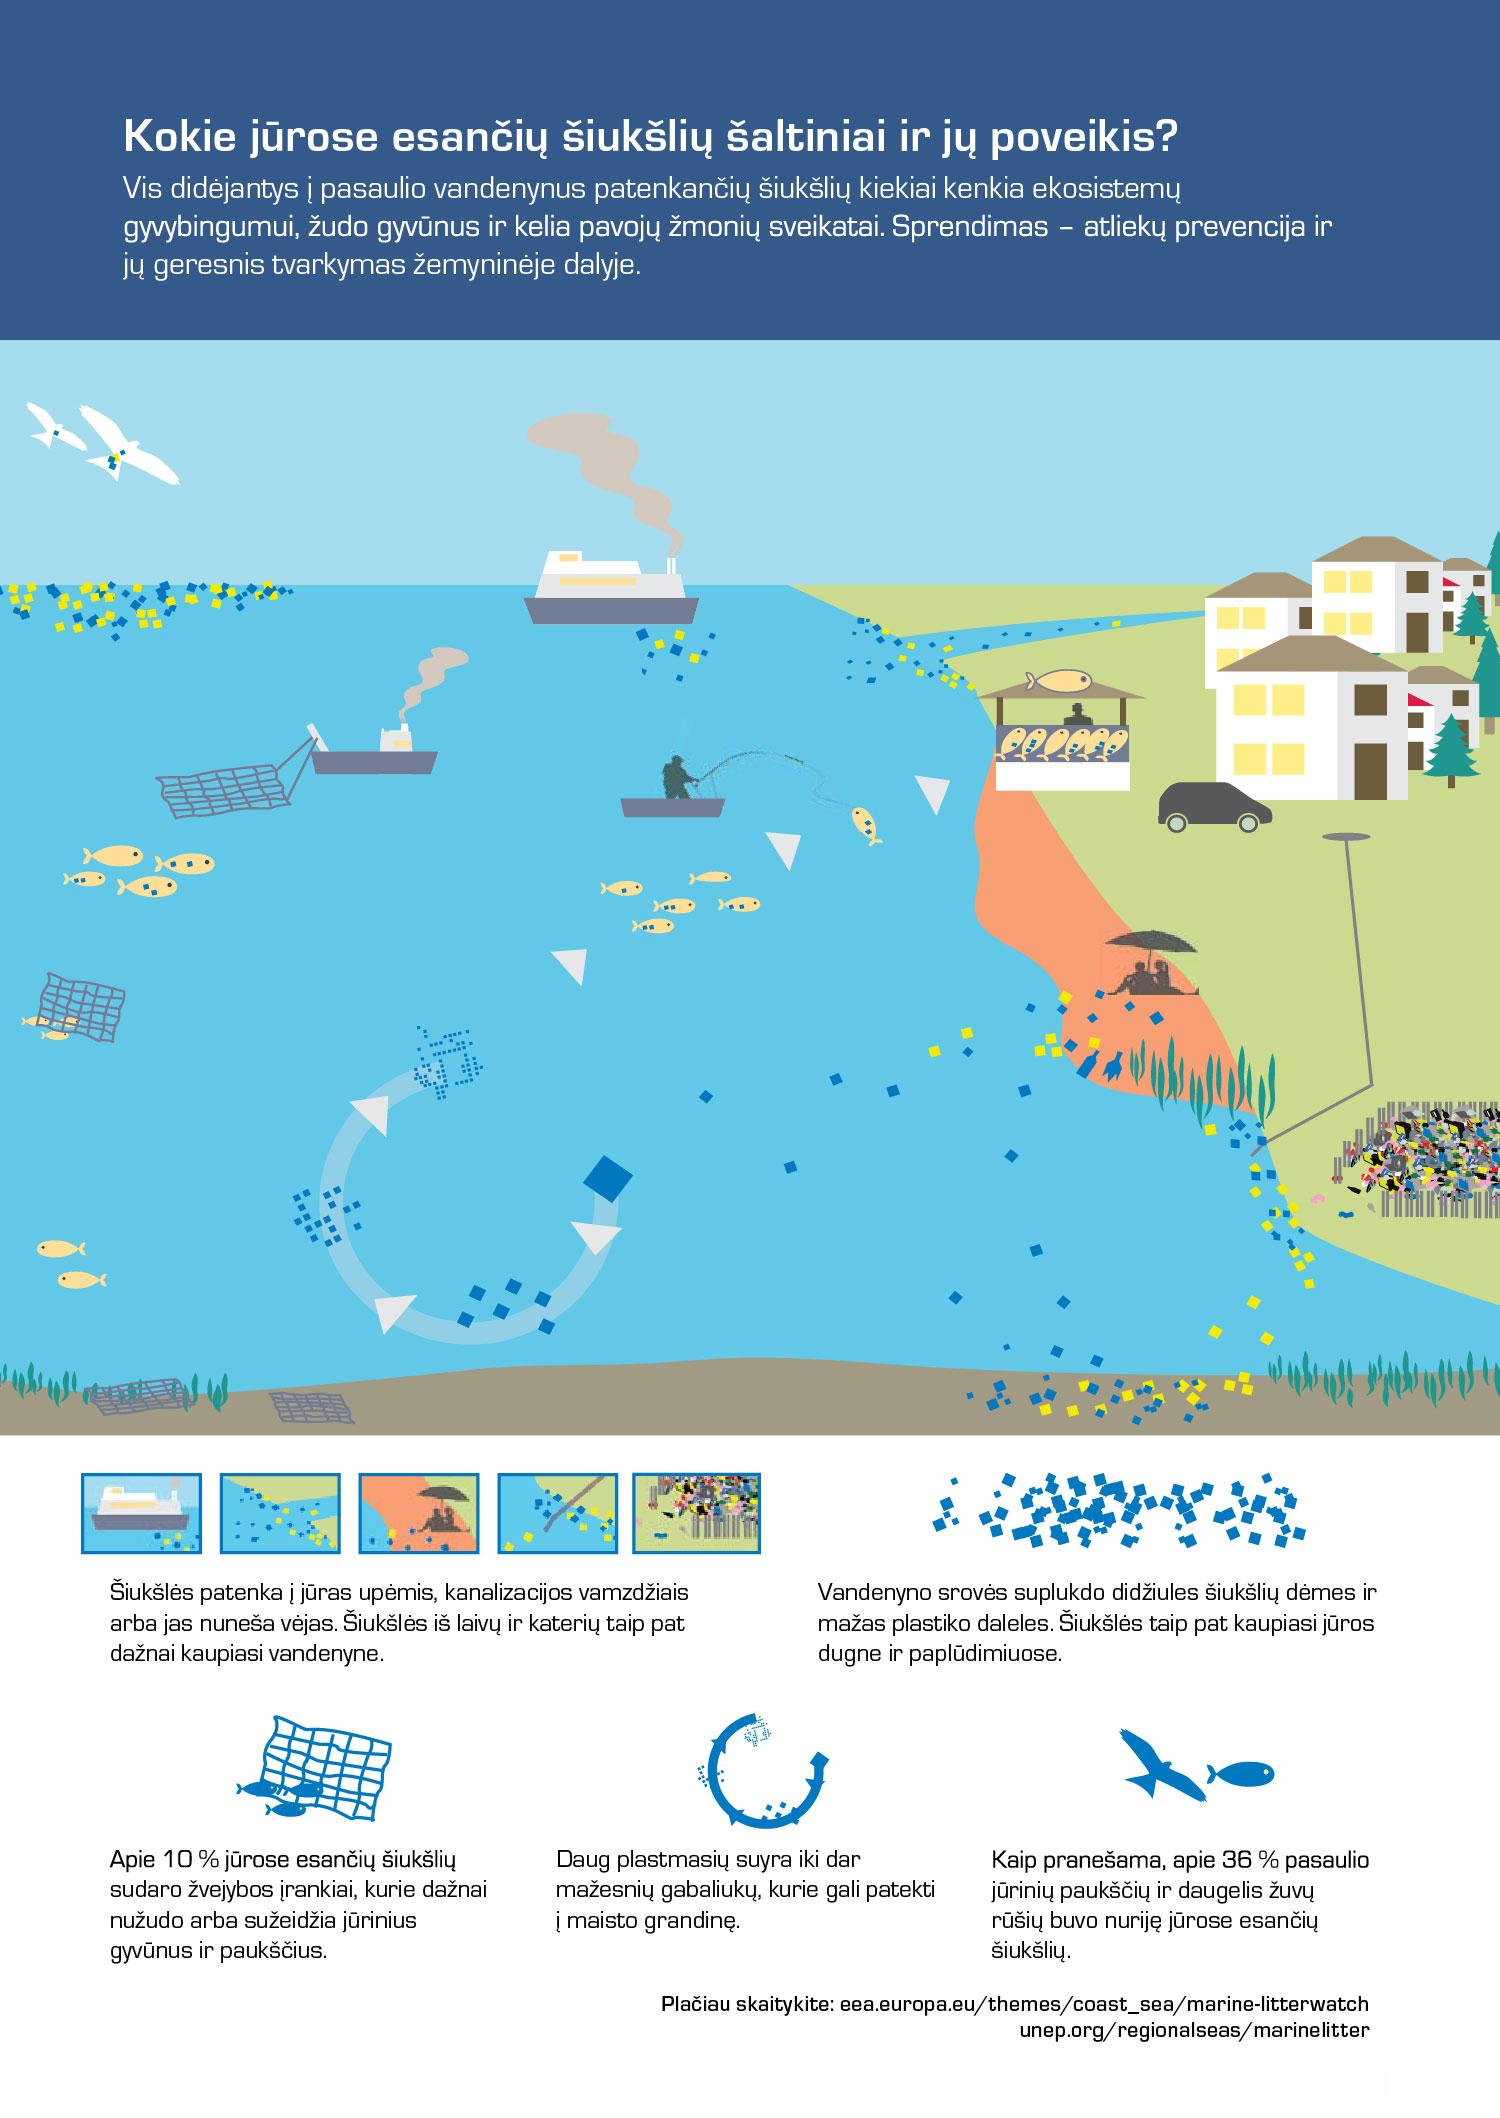 Kokie jūrose esančių šiukšlių šaltiniai ir jų poveikis?